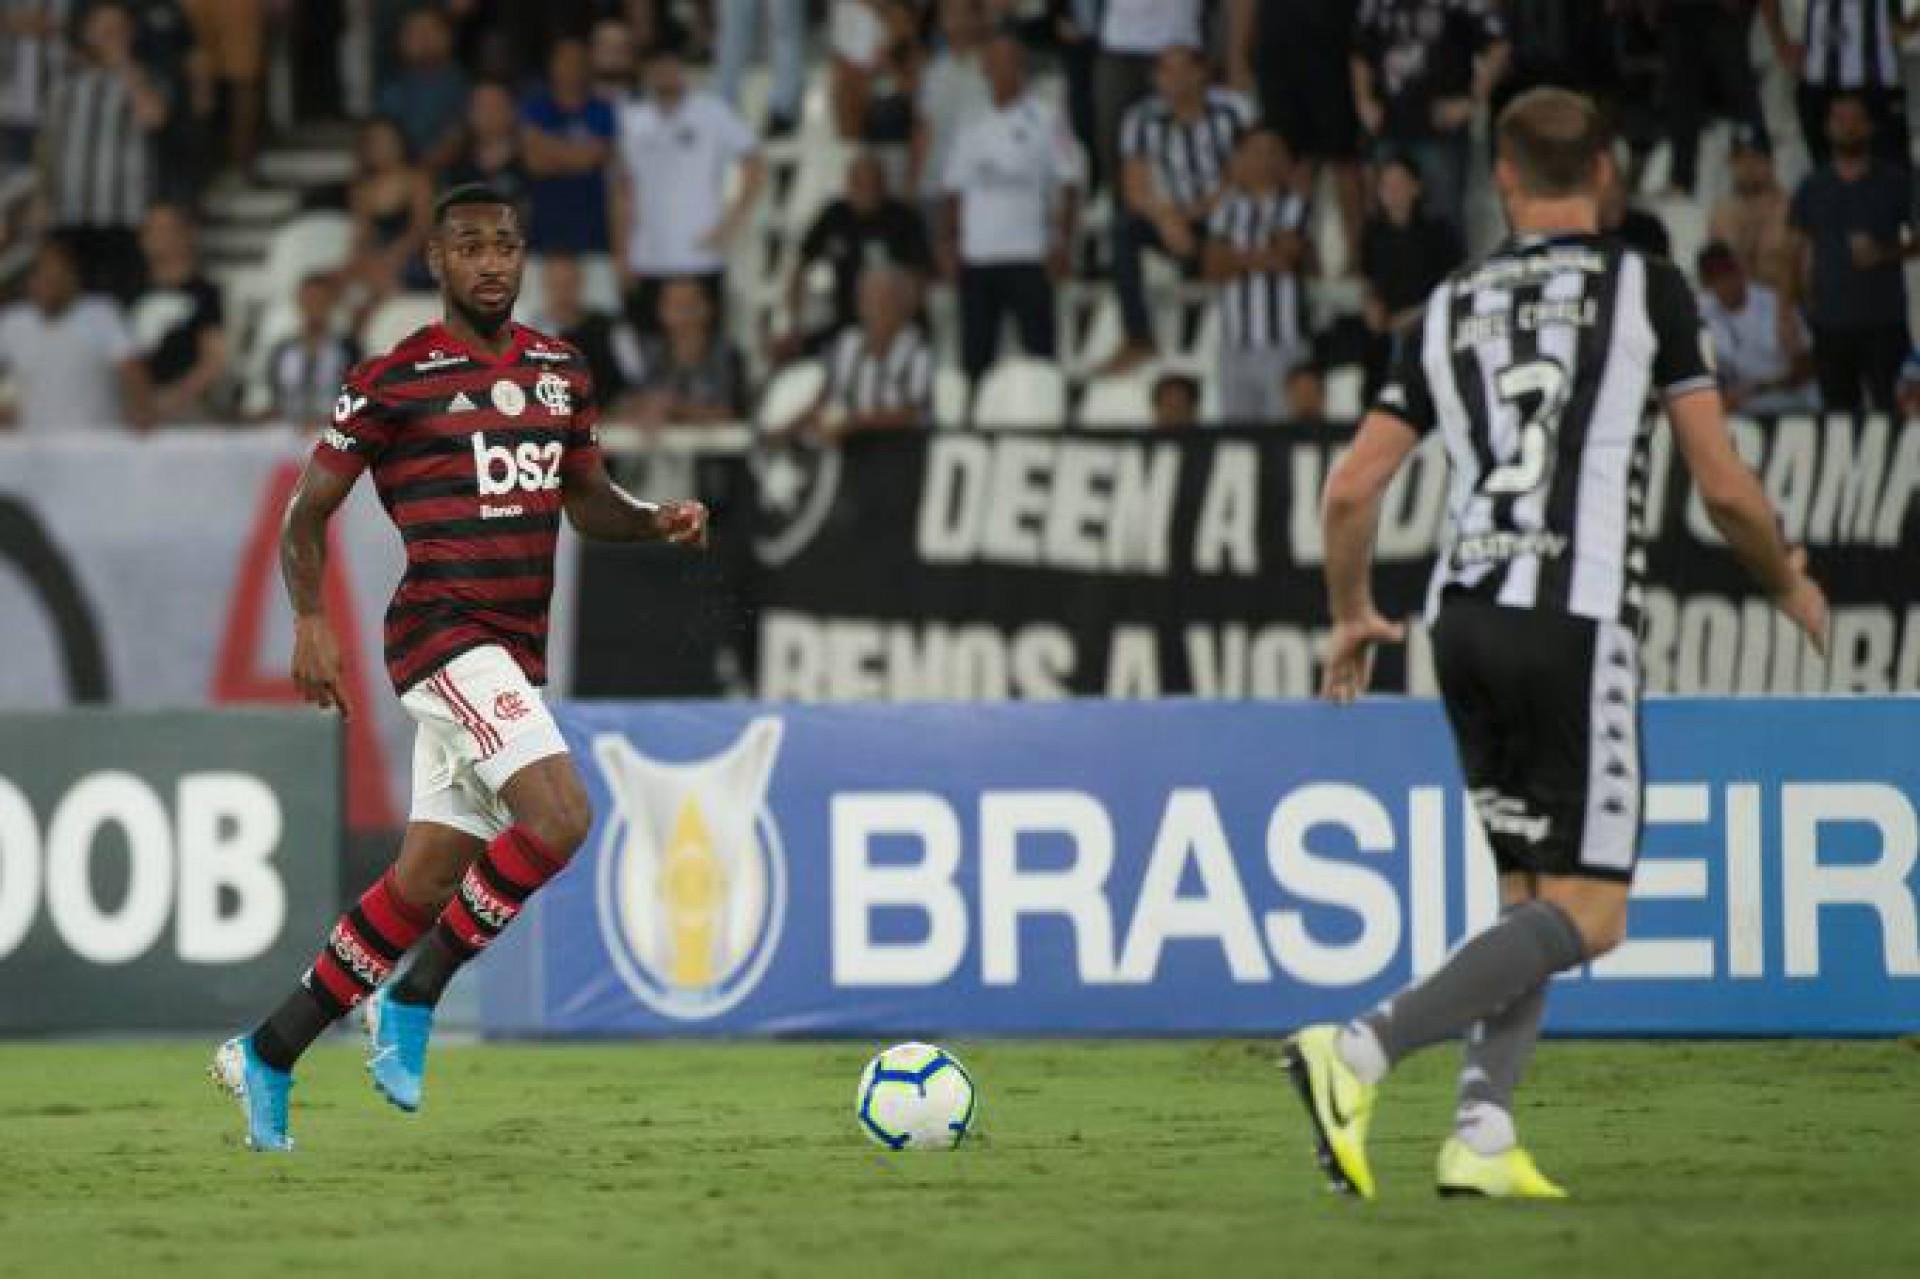 Flamengo X Botafogo Pelo Brasileirao Onde Assistir A Transmissao Ao Vivo E Que Horas E O Jogo Futebol Esportes O Povo